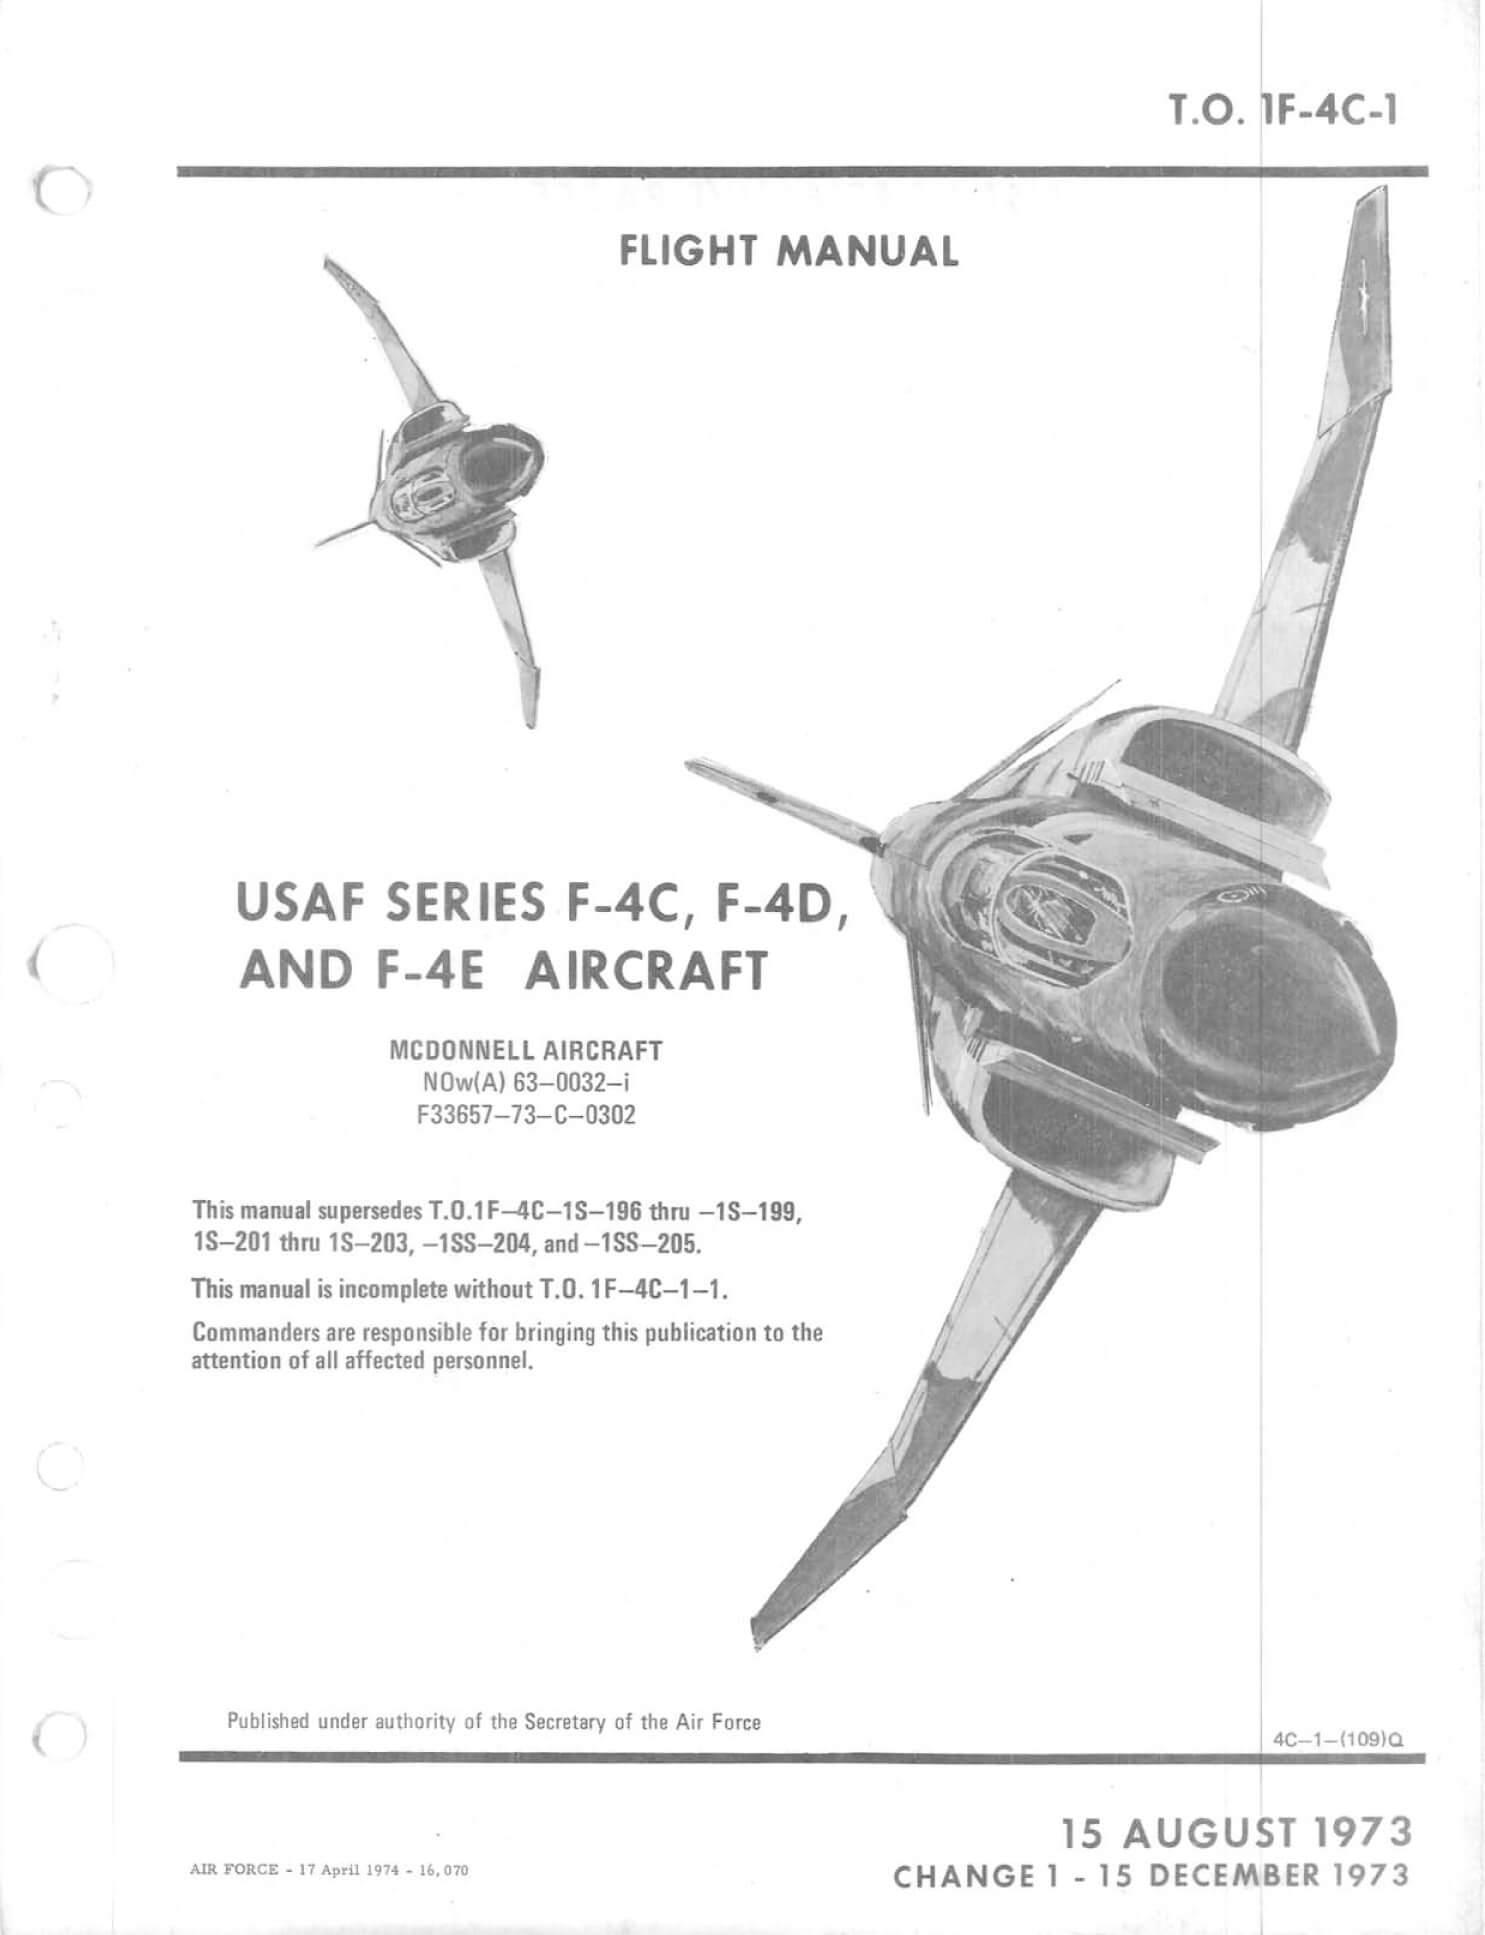 Na 1945 Mc.DONNELL F4H-1 PHANTOM II NAVWEPS 01-245FDA-1 Militaria